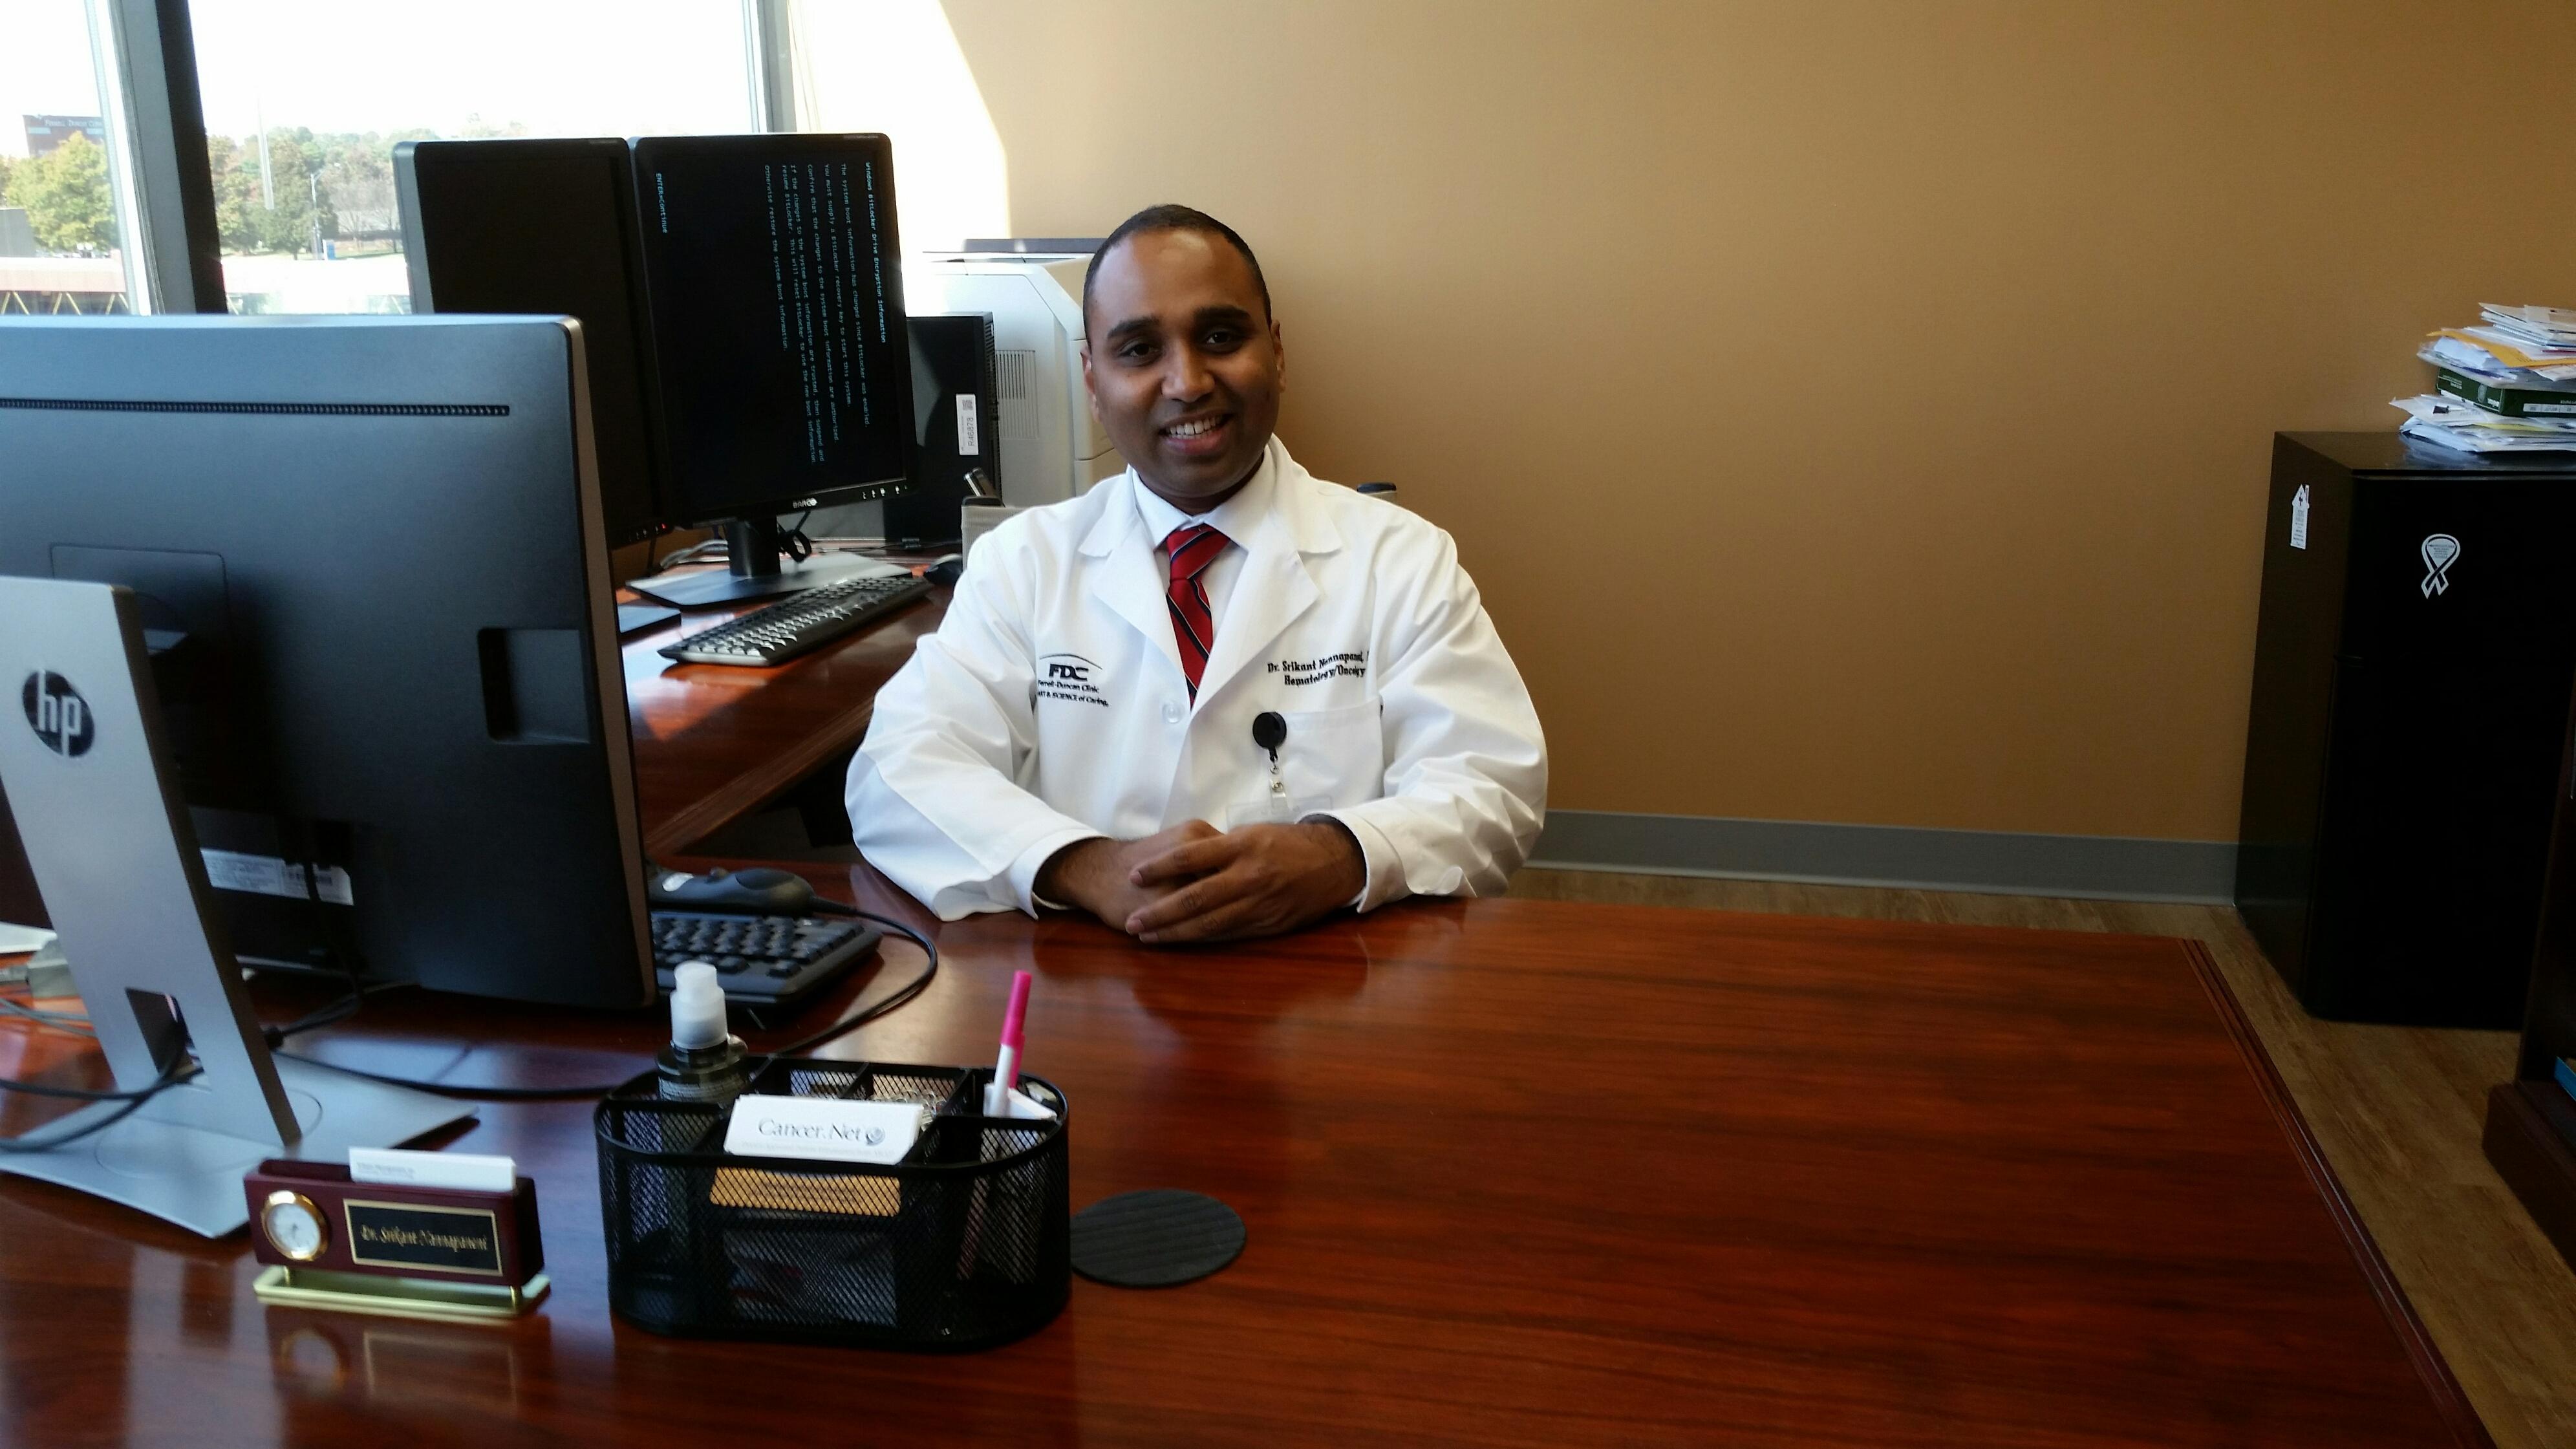 Nannapaneni in his office